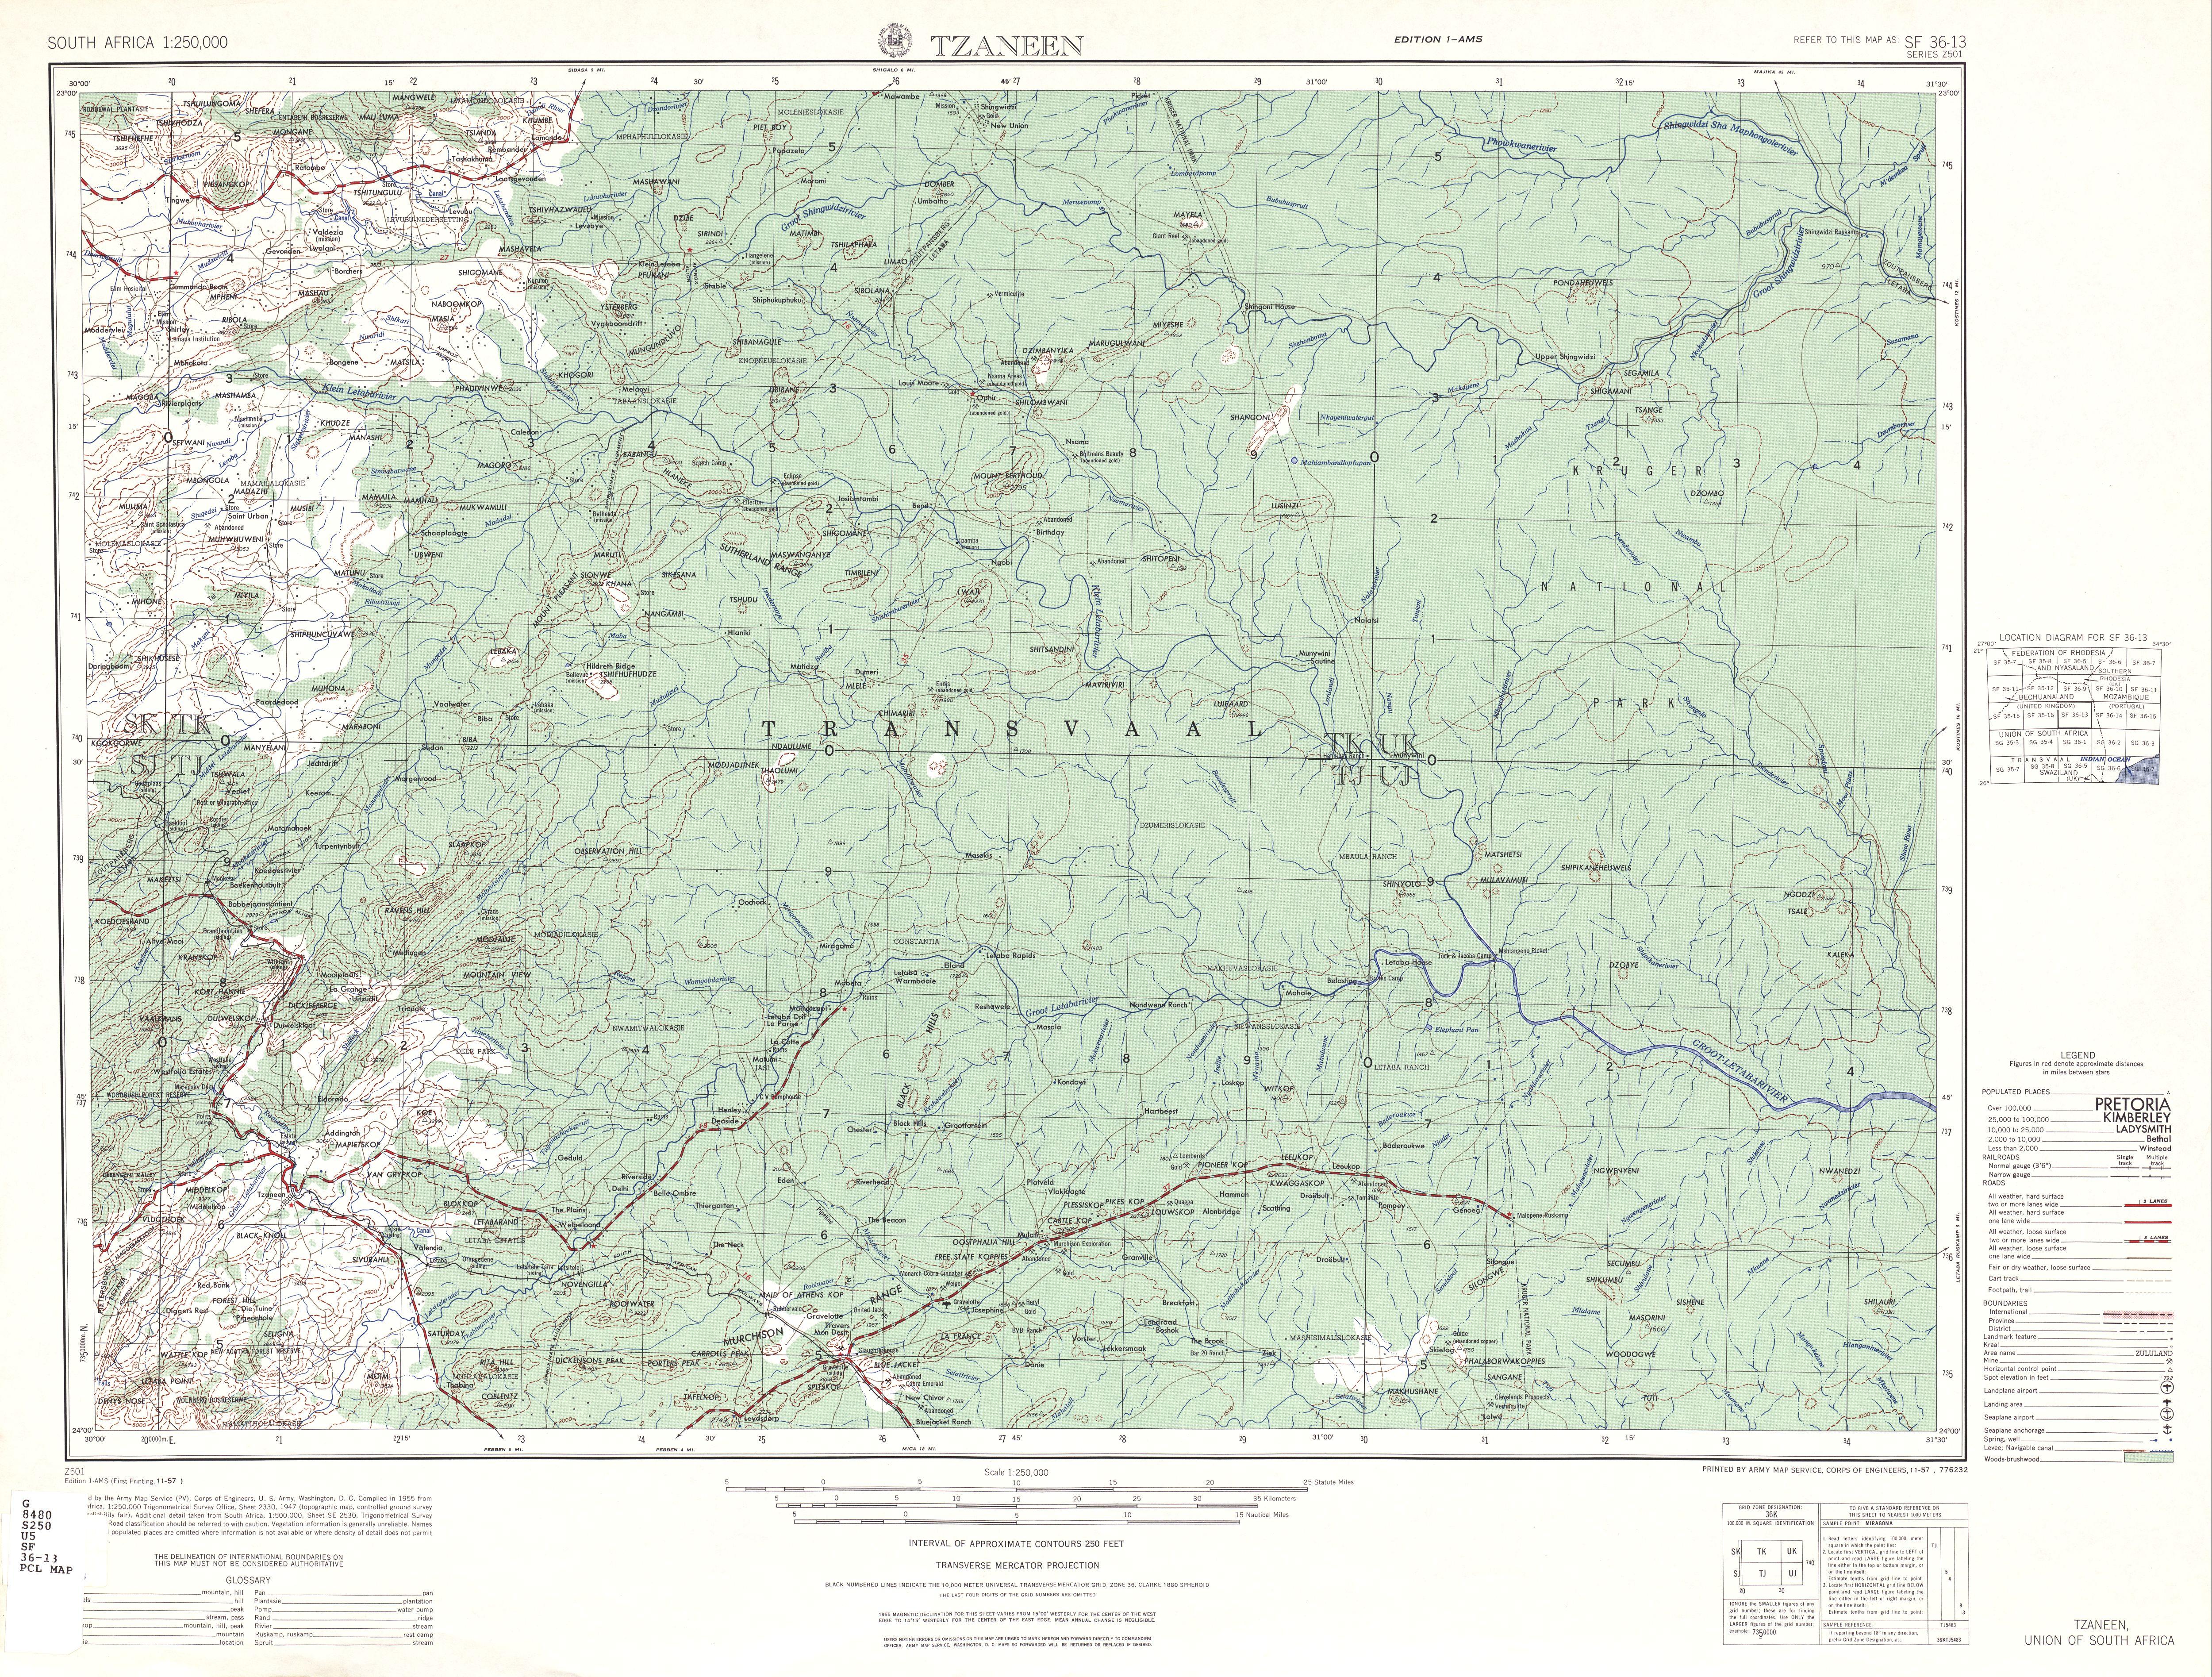 Hoja Tzaneen del Mapa Topográfico de África Meridional 1954